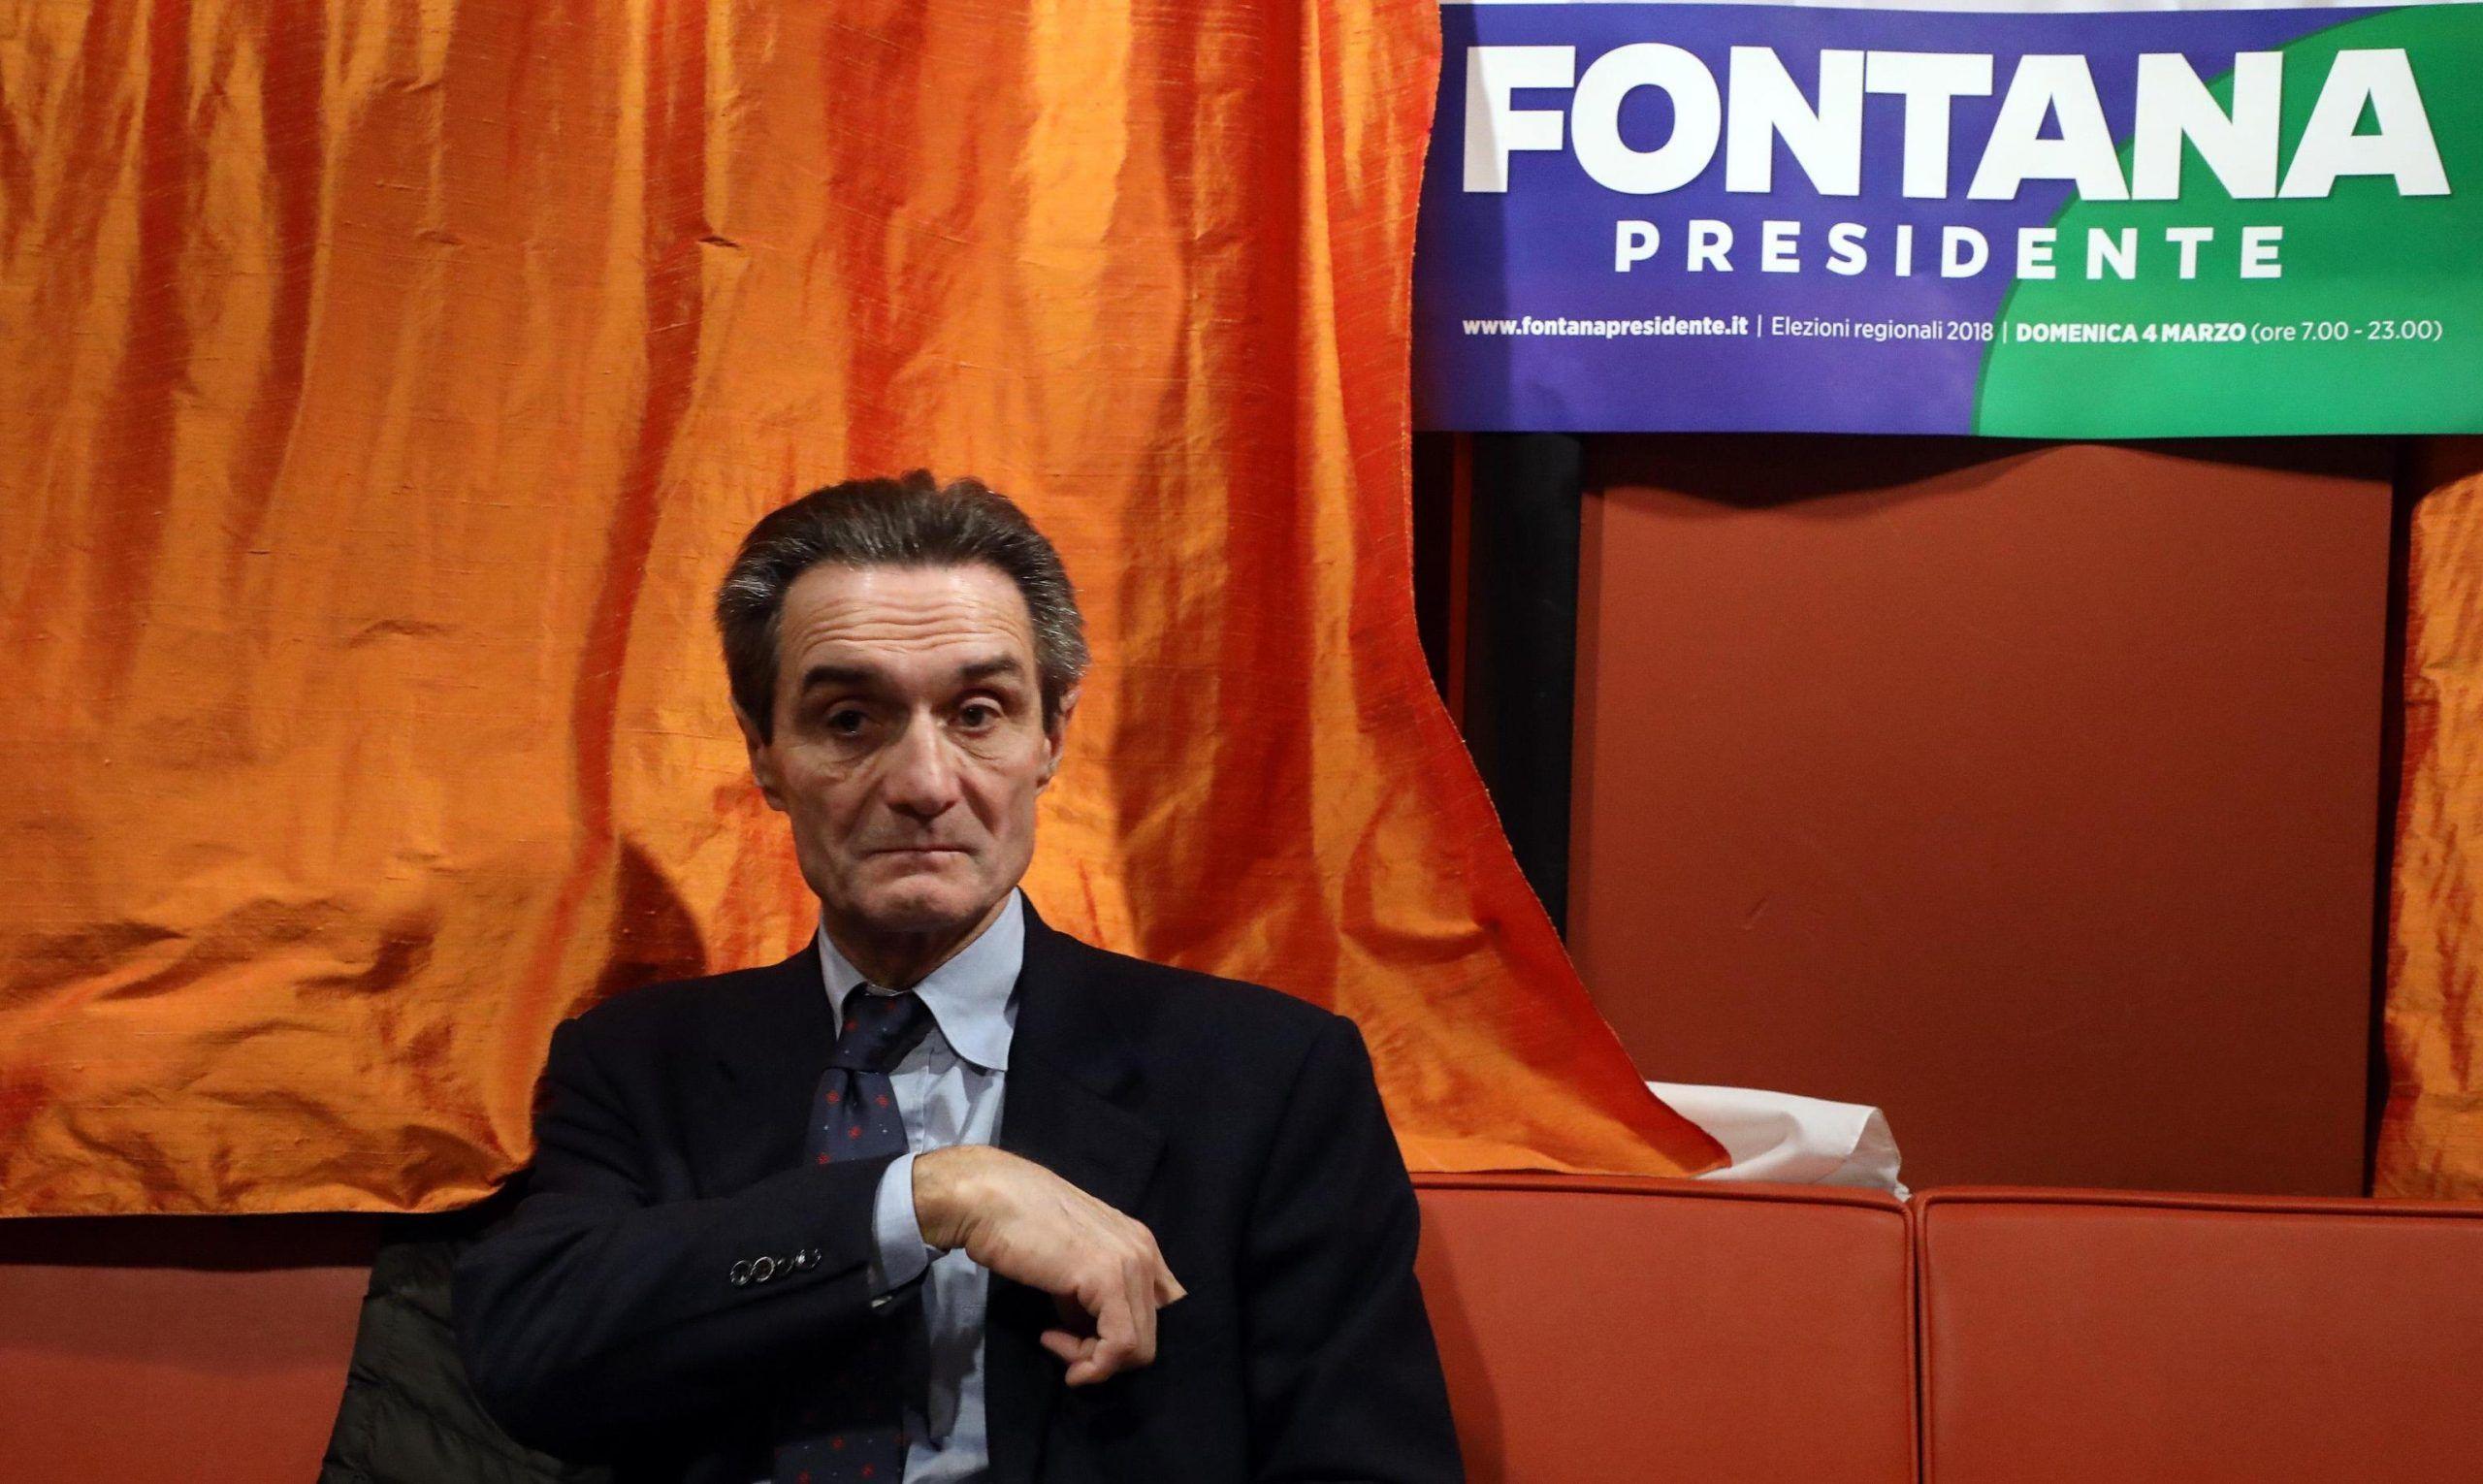 Lombardia: Fontana, vera tappa importante è l'autonomia